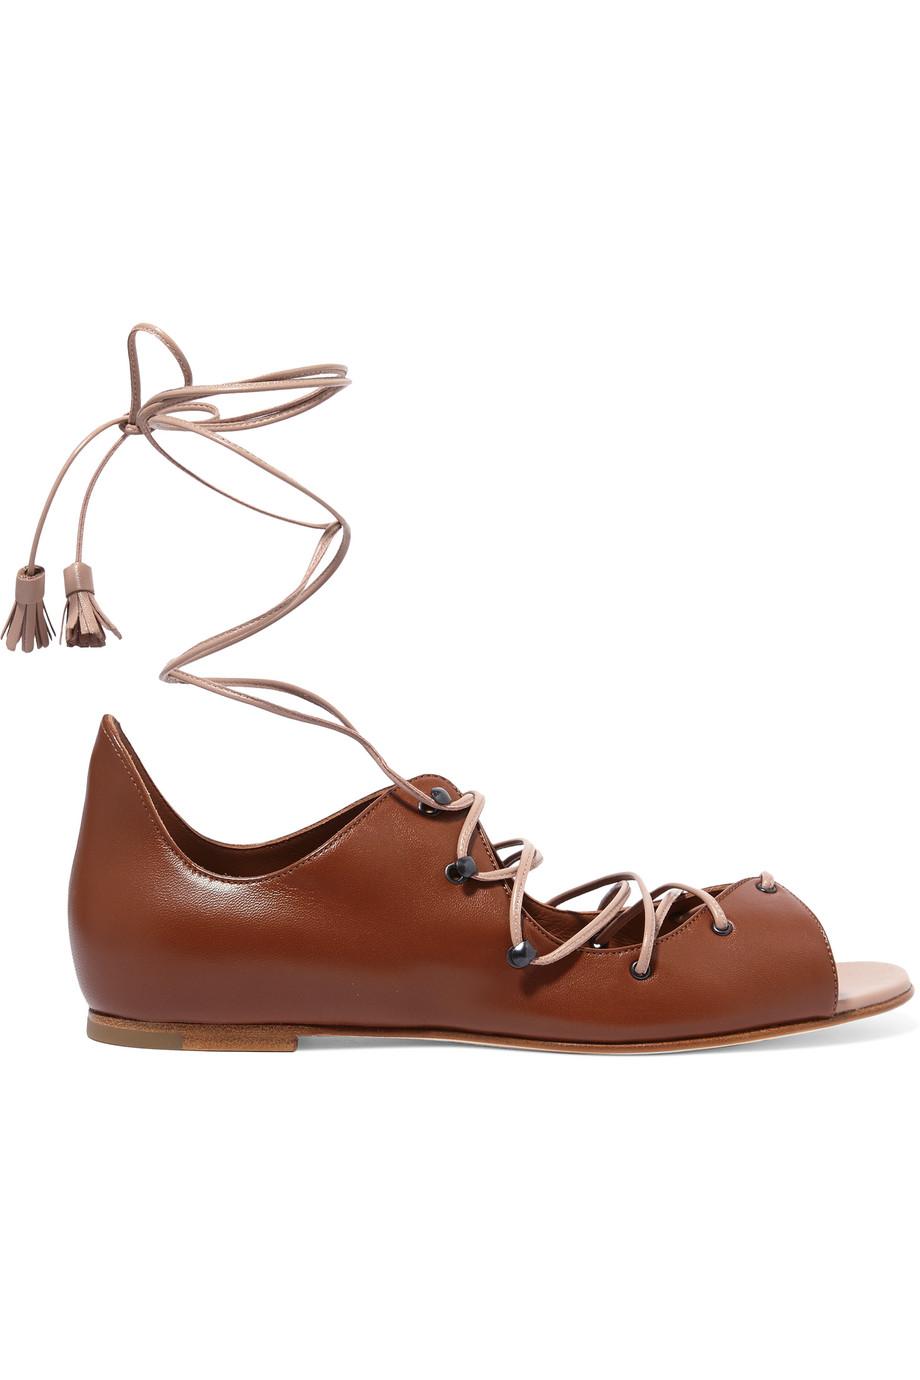 Savannah Lace-Up Leather Sandals, Tan, Women's US Size: 8, Size: 38.5